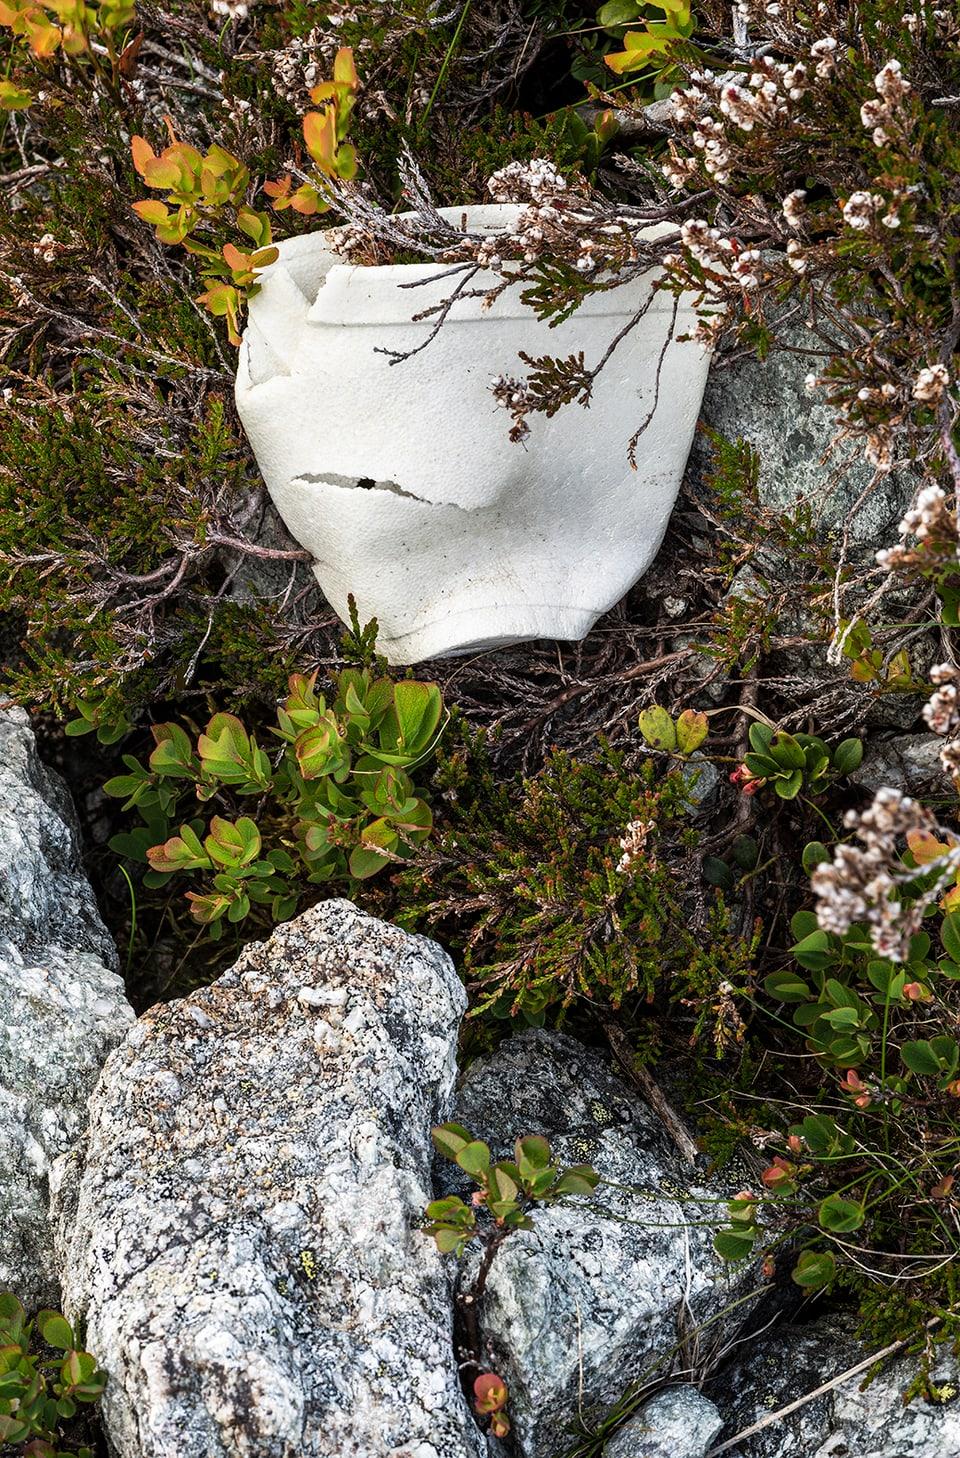 Bild von Plastikbecher zwischen Steinen und Gestrüpp.